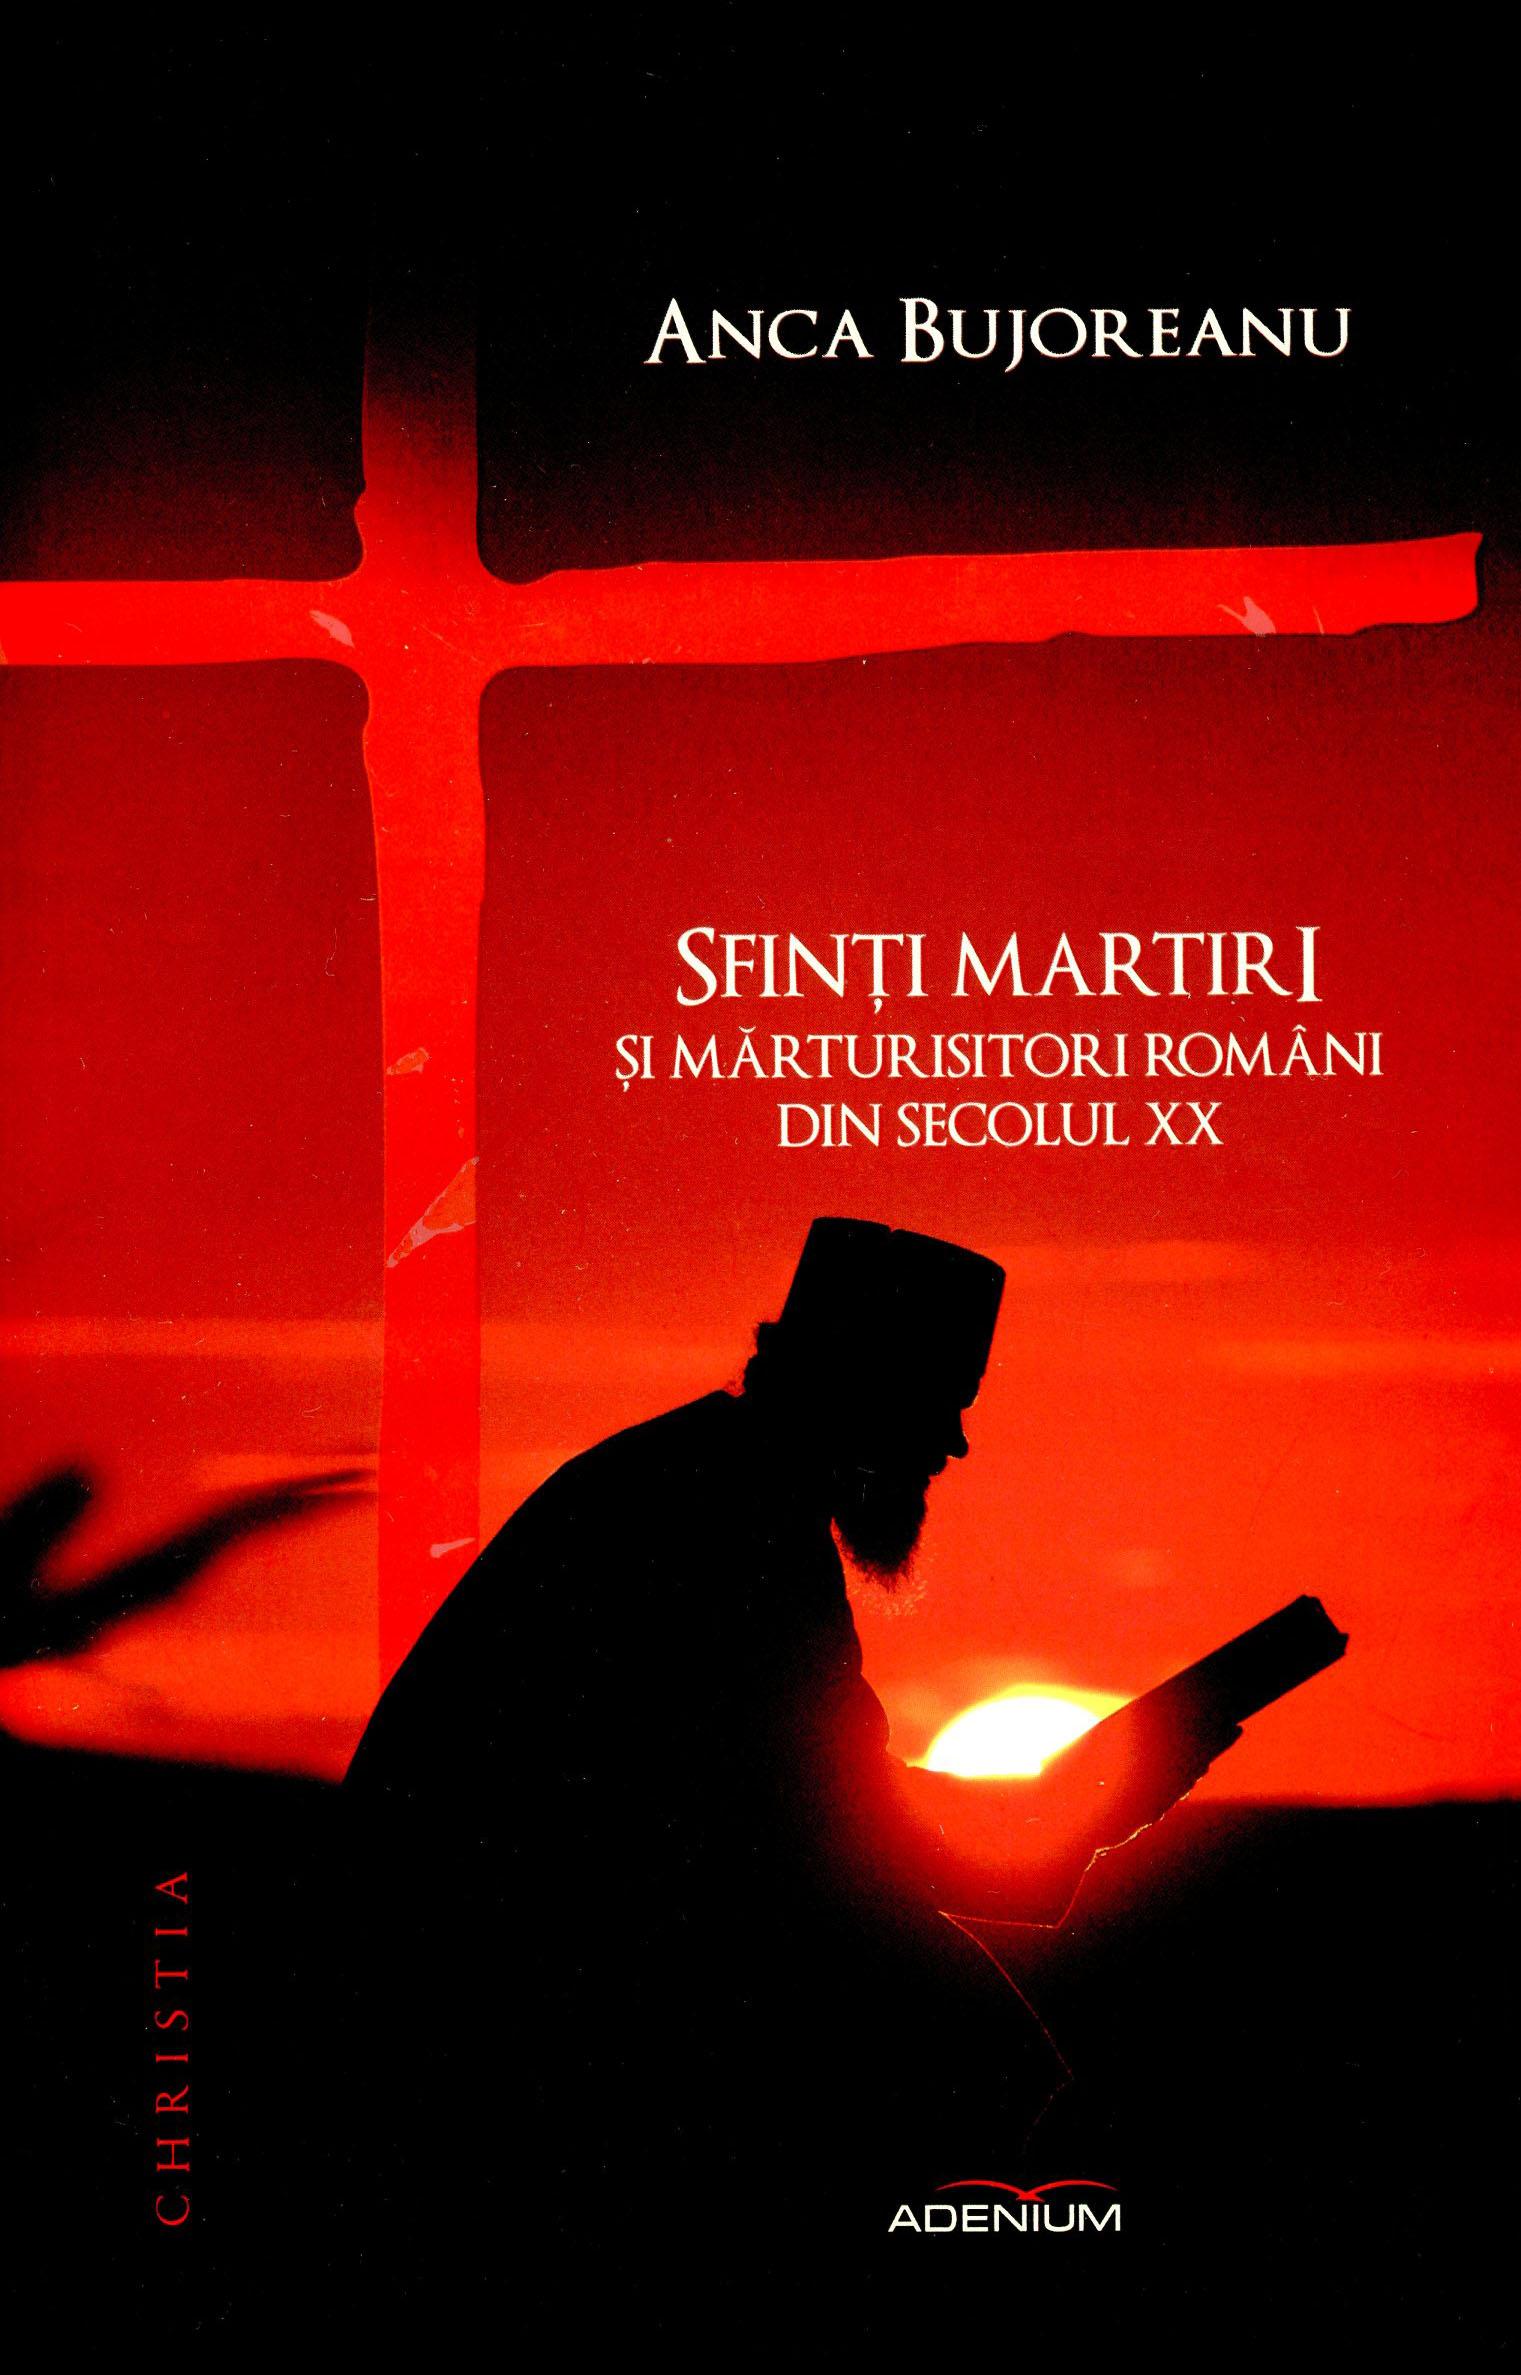 Anca Bujoreanu - Sfinţi martiri şi mărturisitori români din secolul XX